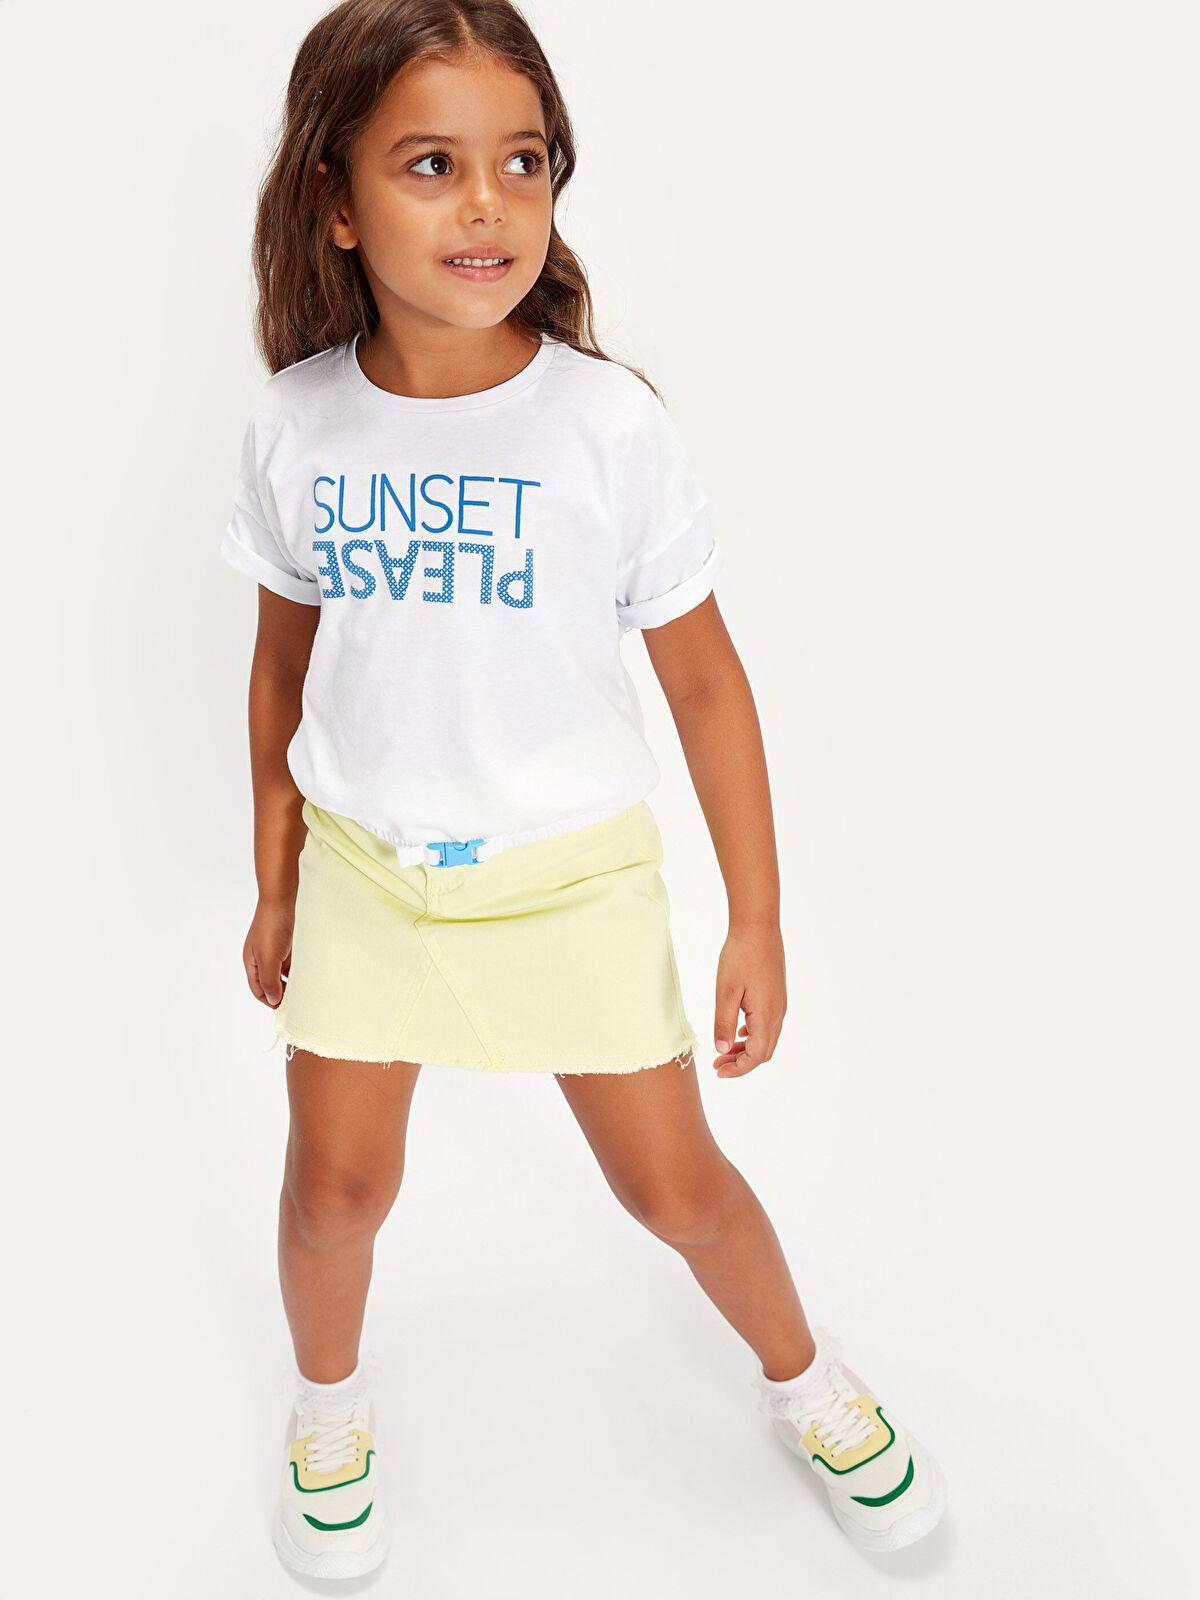 Kız Çocuk Yazı Baskılı Pamuklu Tişört - LC WAIKIKI